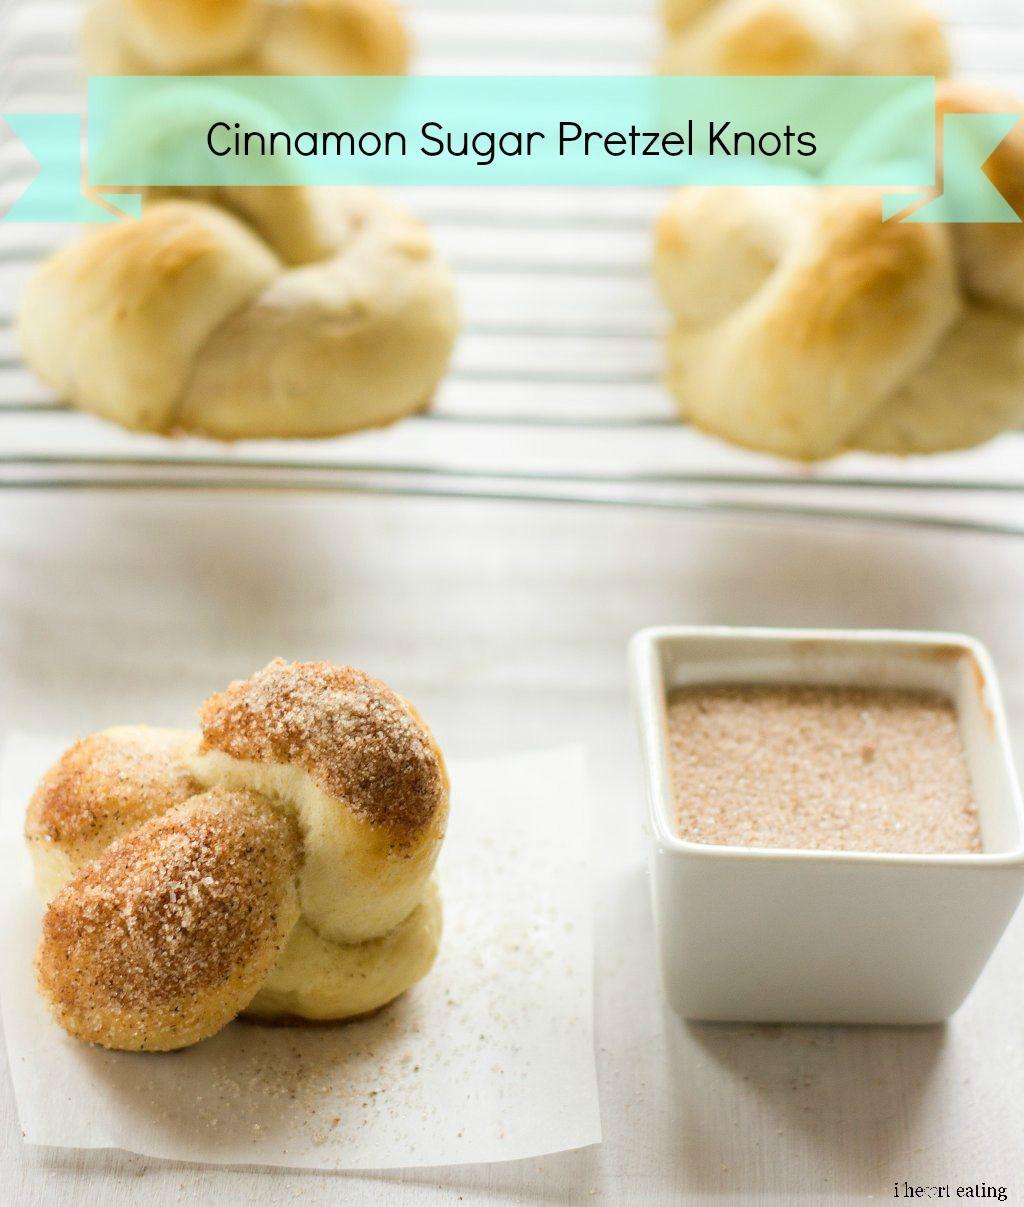 Cinnamon-Sugar Pretzel Knots on MyRecipeMagic.com